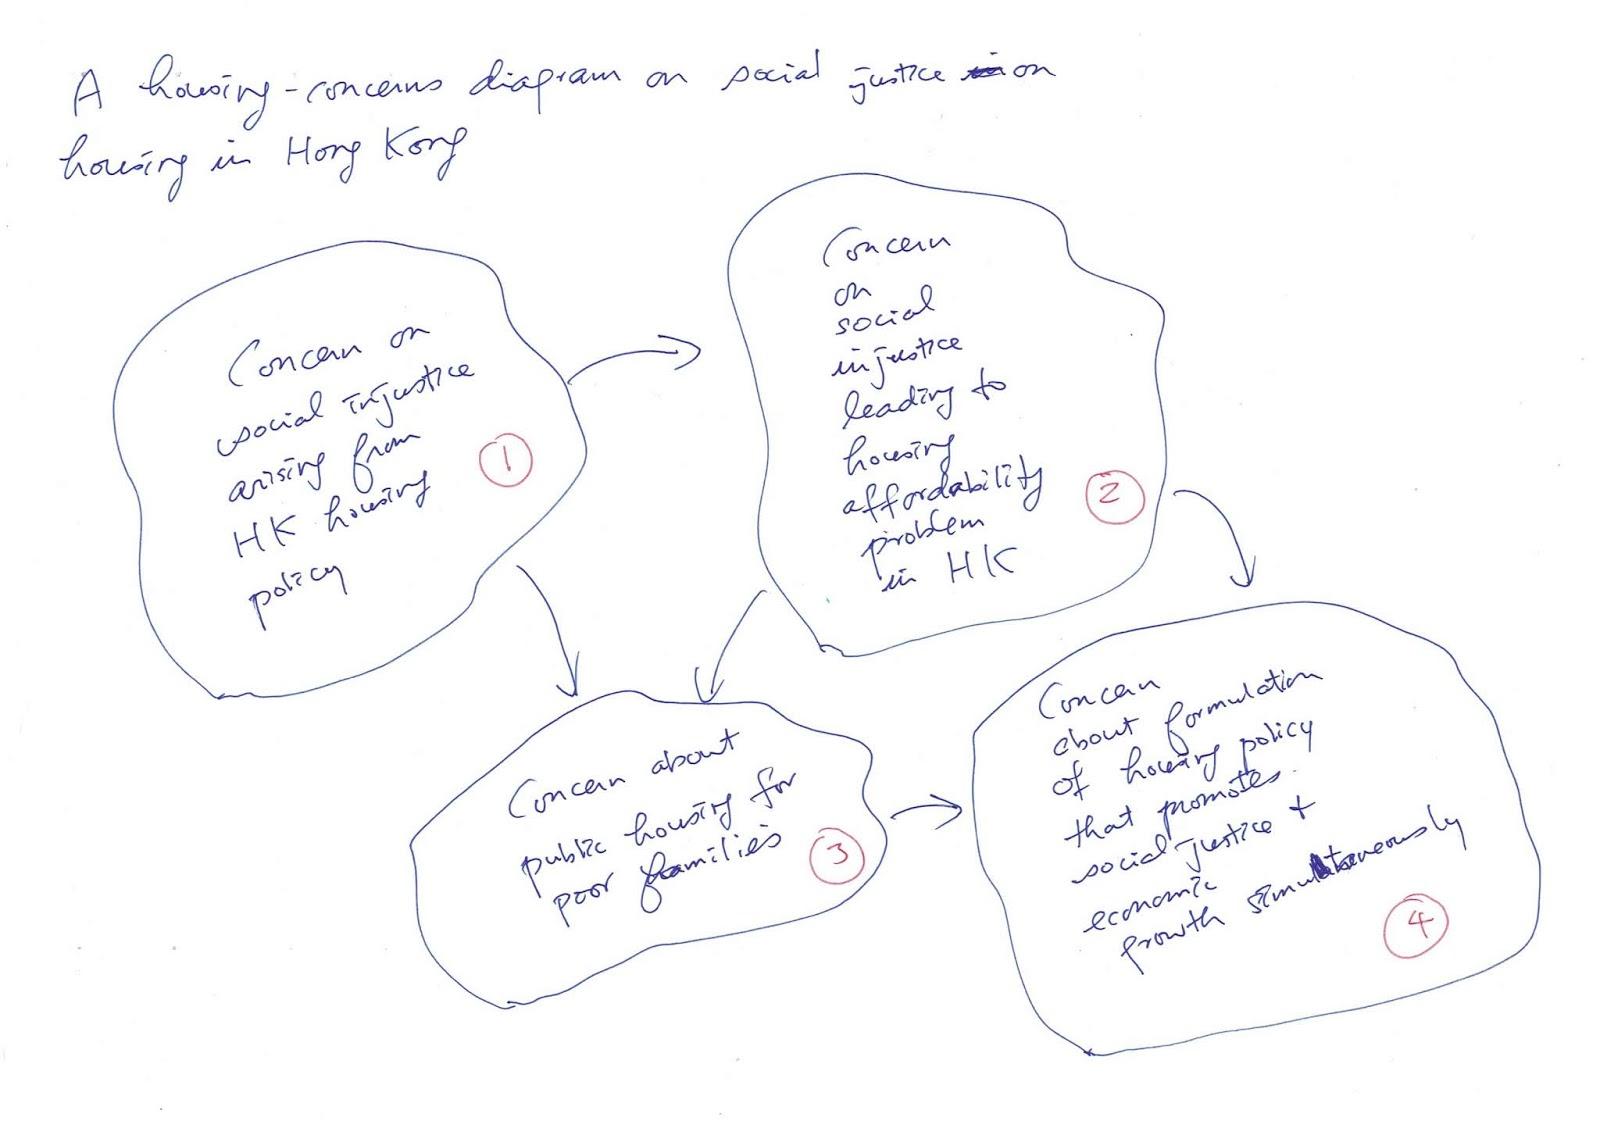 diagram 1: a housing-concerns diagram [level 0]